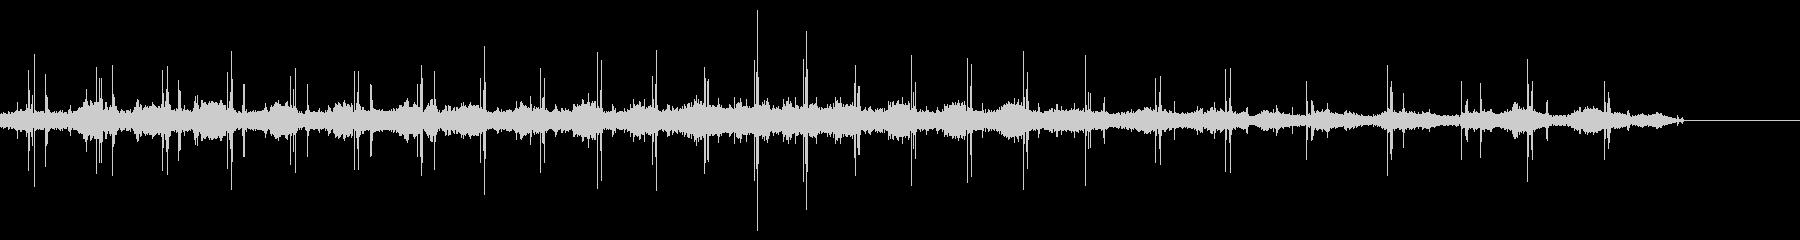 プリンターサーボ; Whine U...の未再生の波形